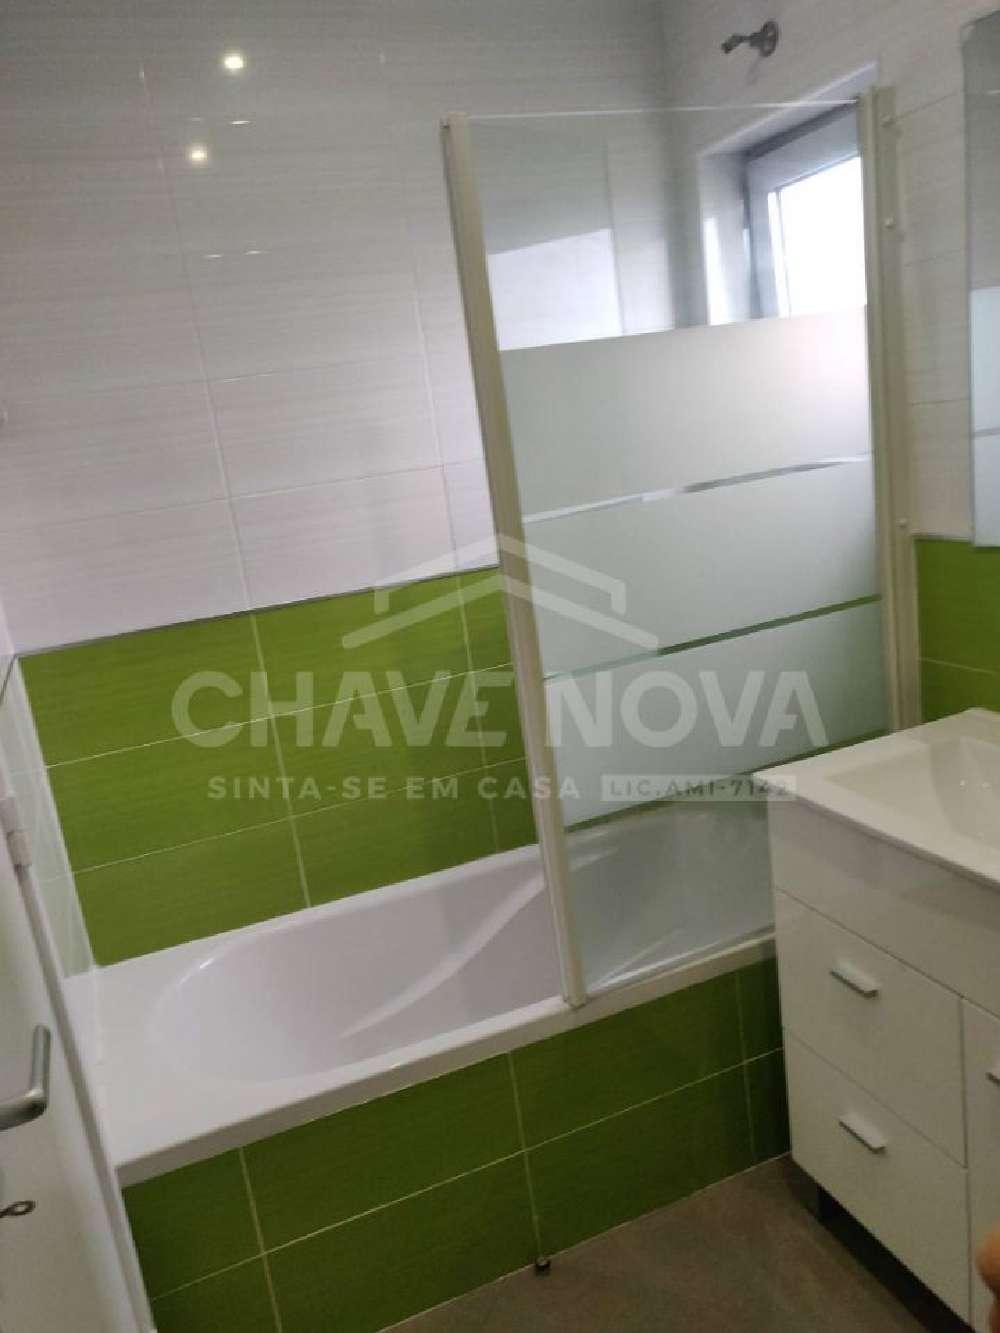 São Pedro Nordeste apartment picture 154828